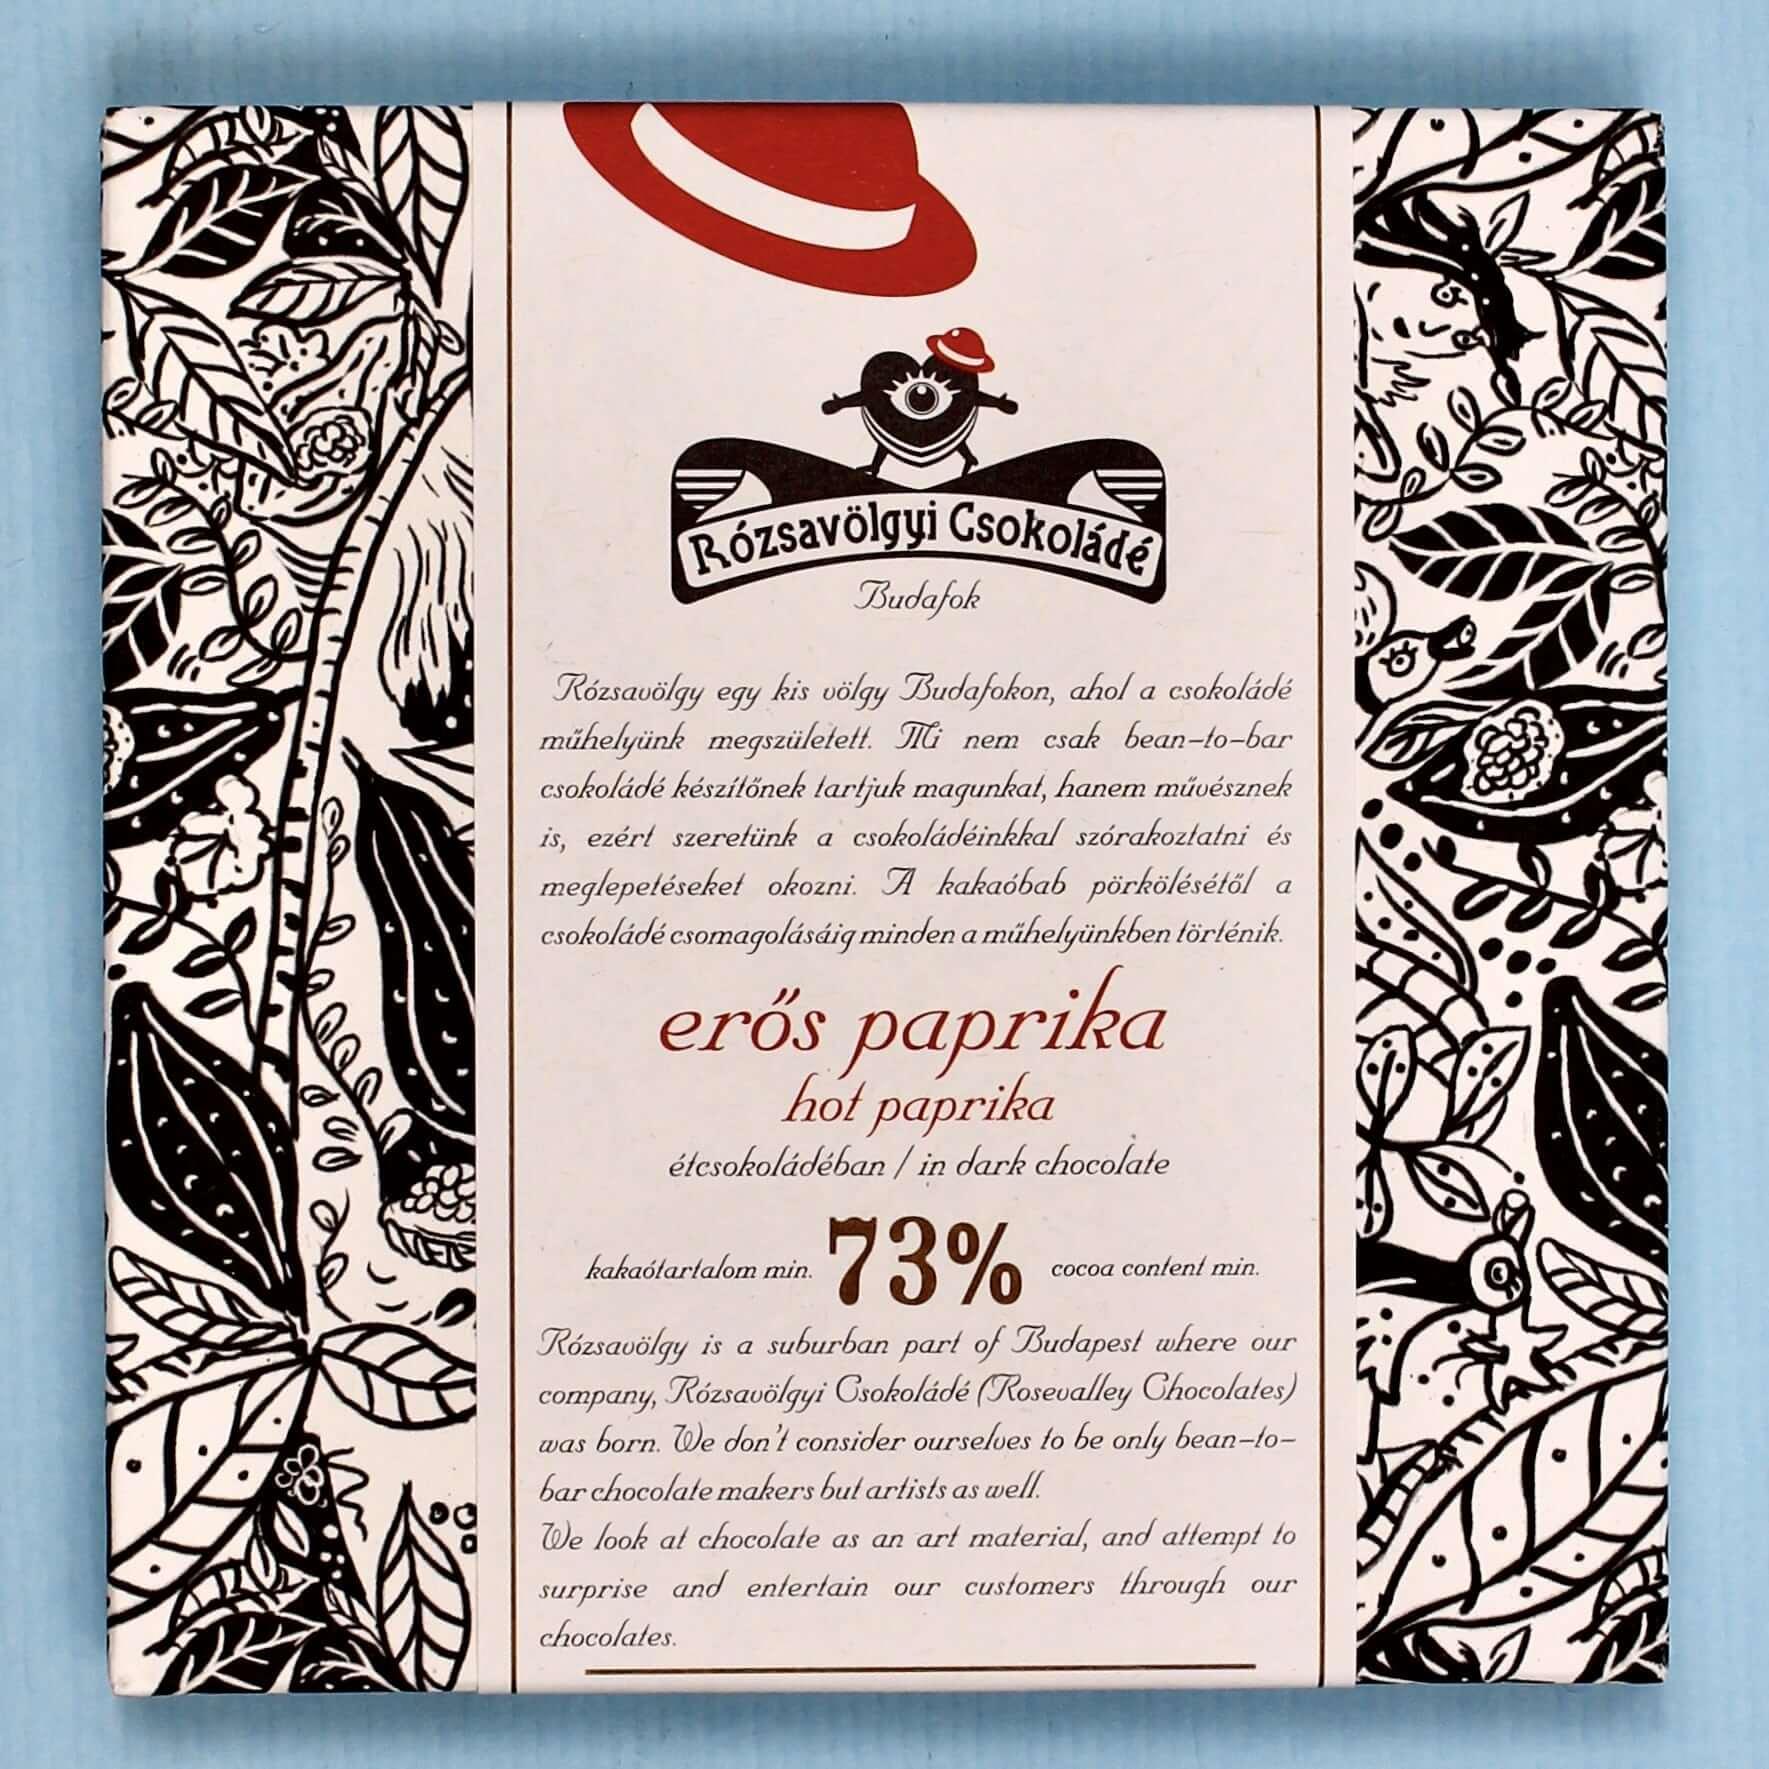 rozsavolgyi csokolade hot paprika 73